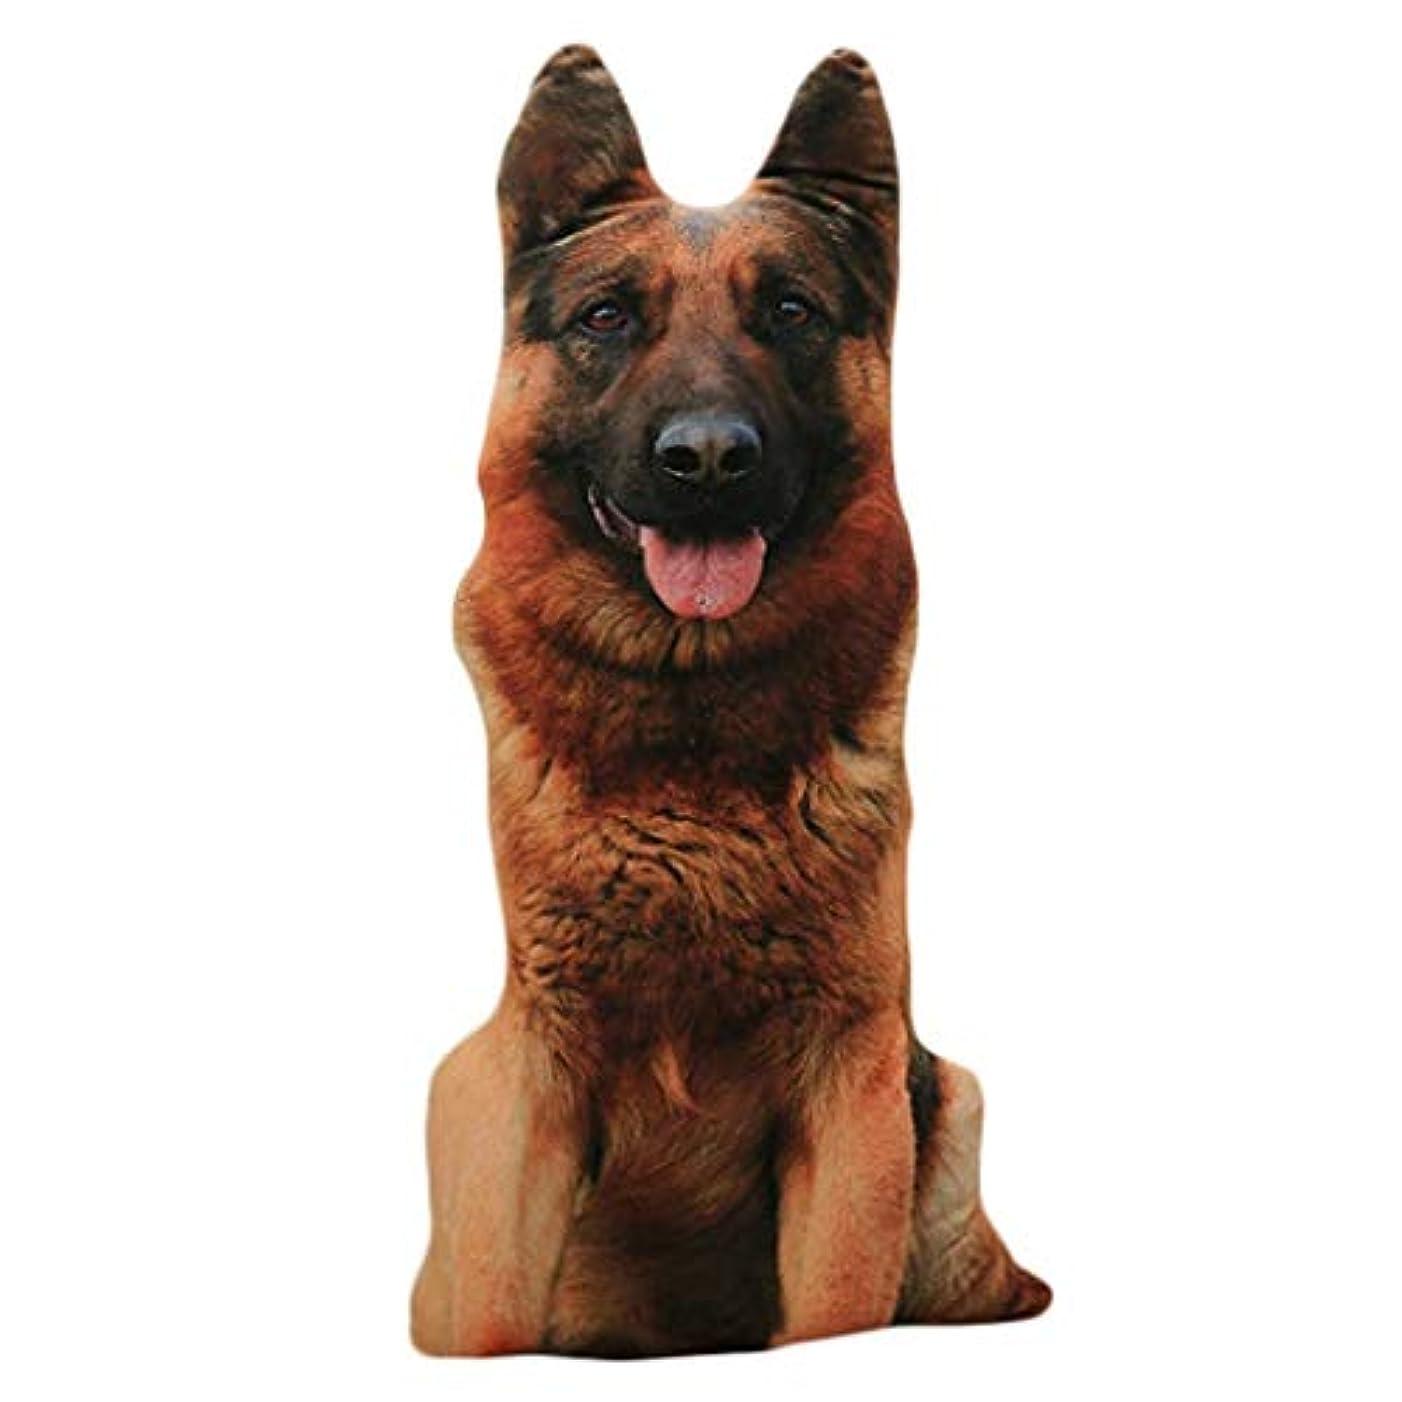 コインランドリー批判的模倣LIFE 装飾クッションソファおかしい 3D 犬印刷スロー枕創造クッションかわいいぬいぐるみギフト家の装飾 coussin decoratif クッション 椅子